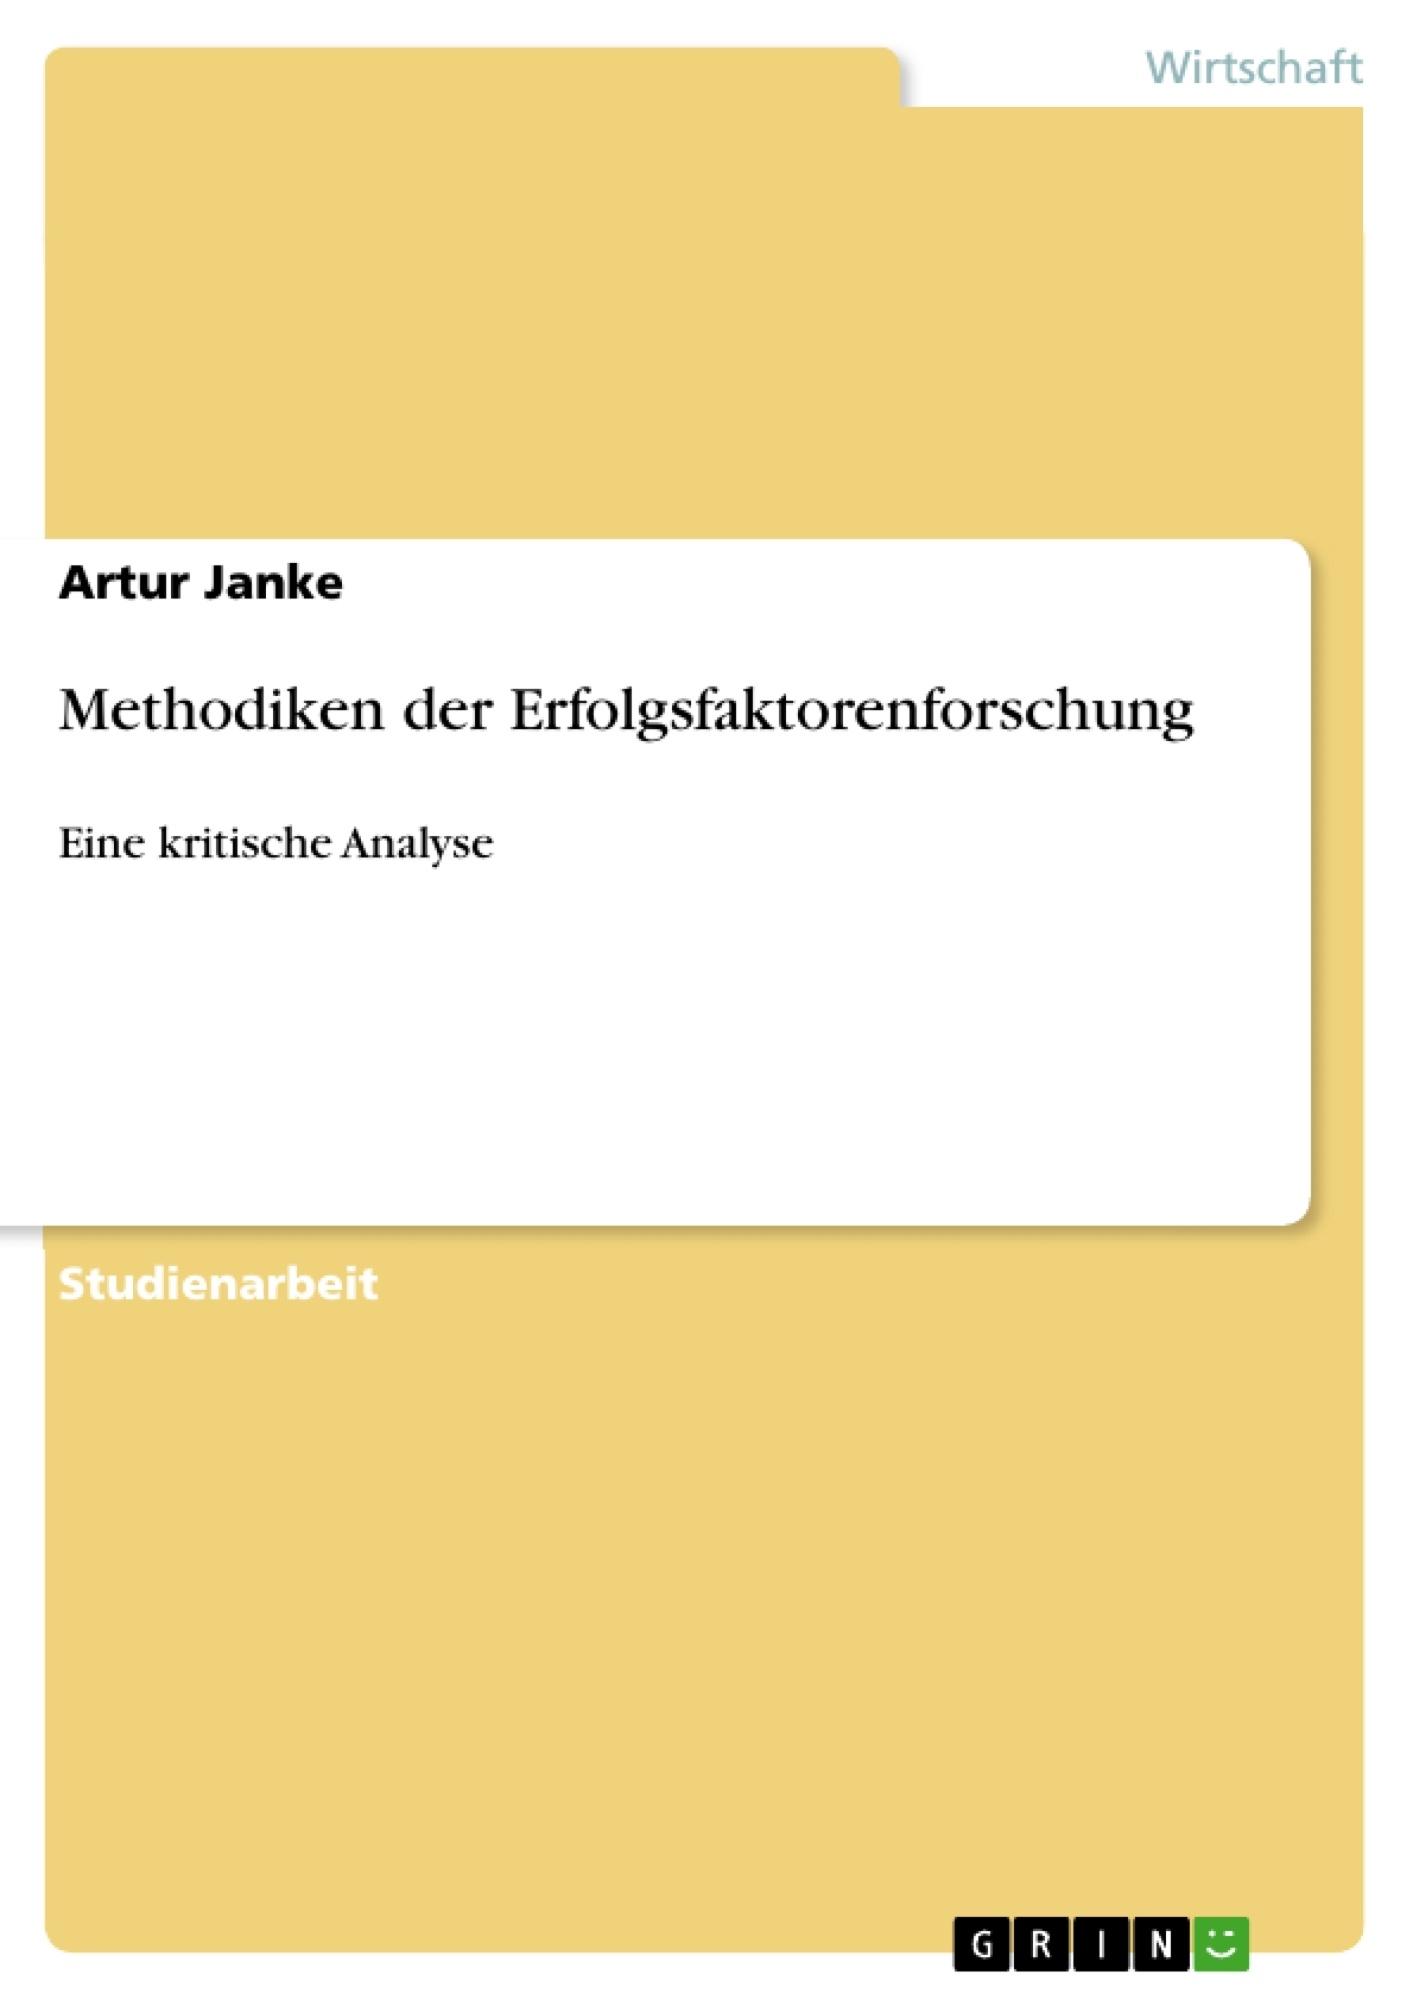 Titel: Methodiken der Erfolgsfaktorenforschung